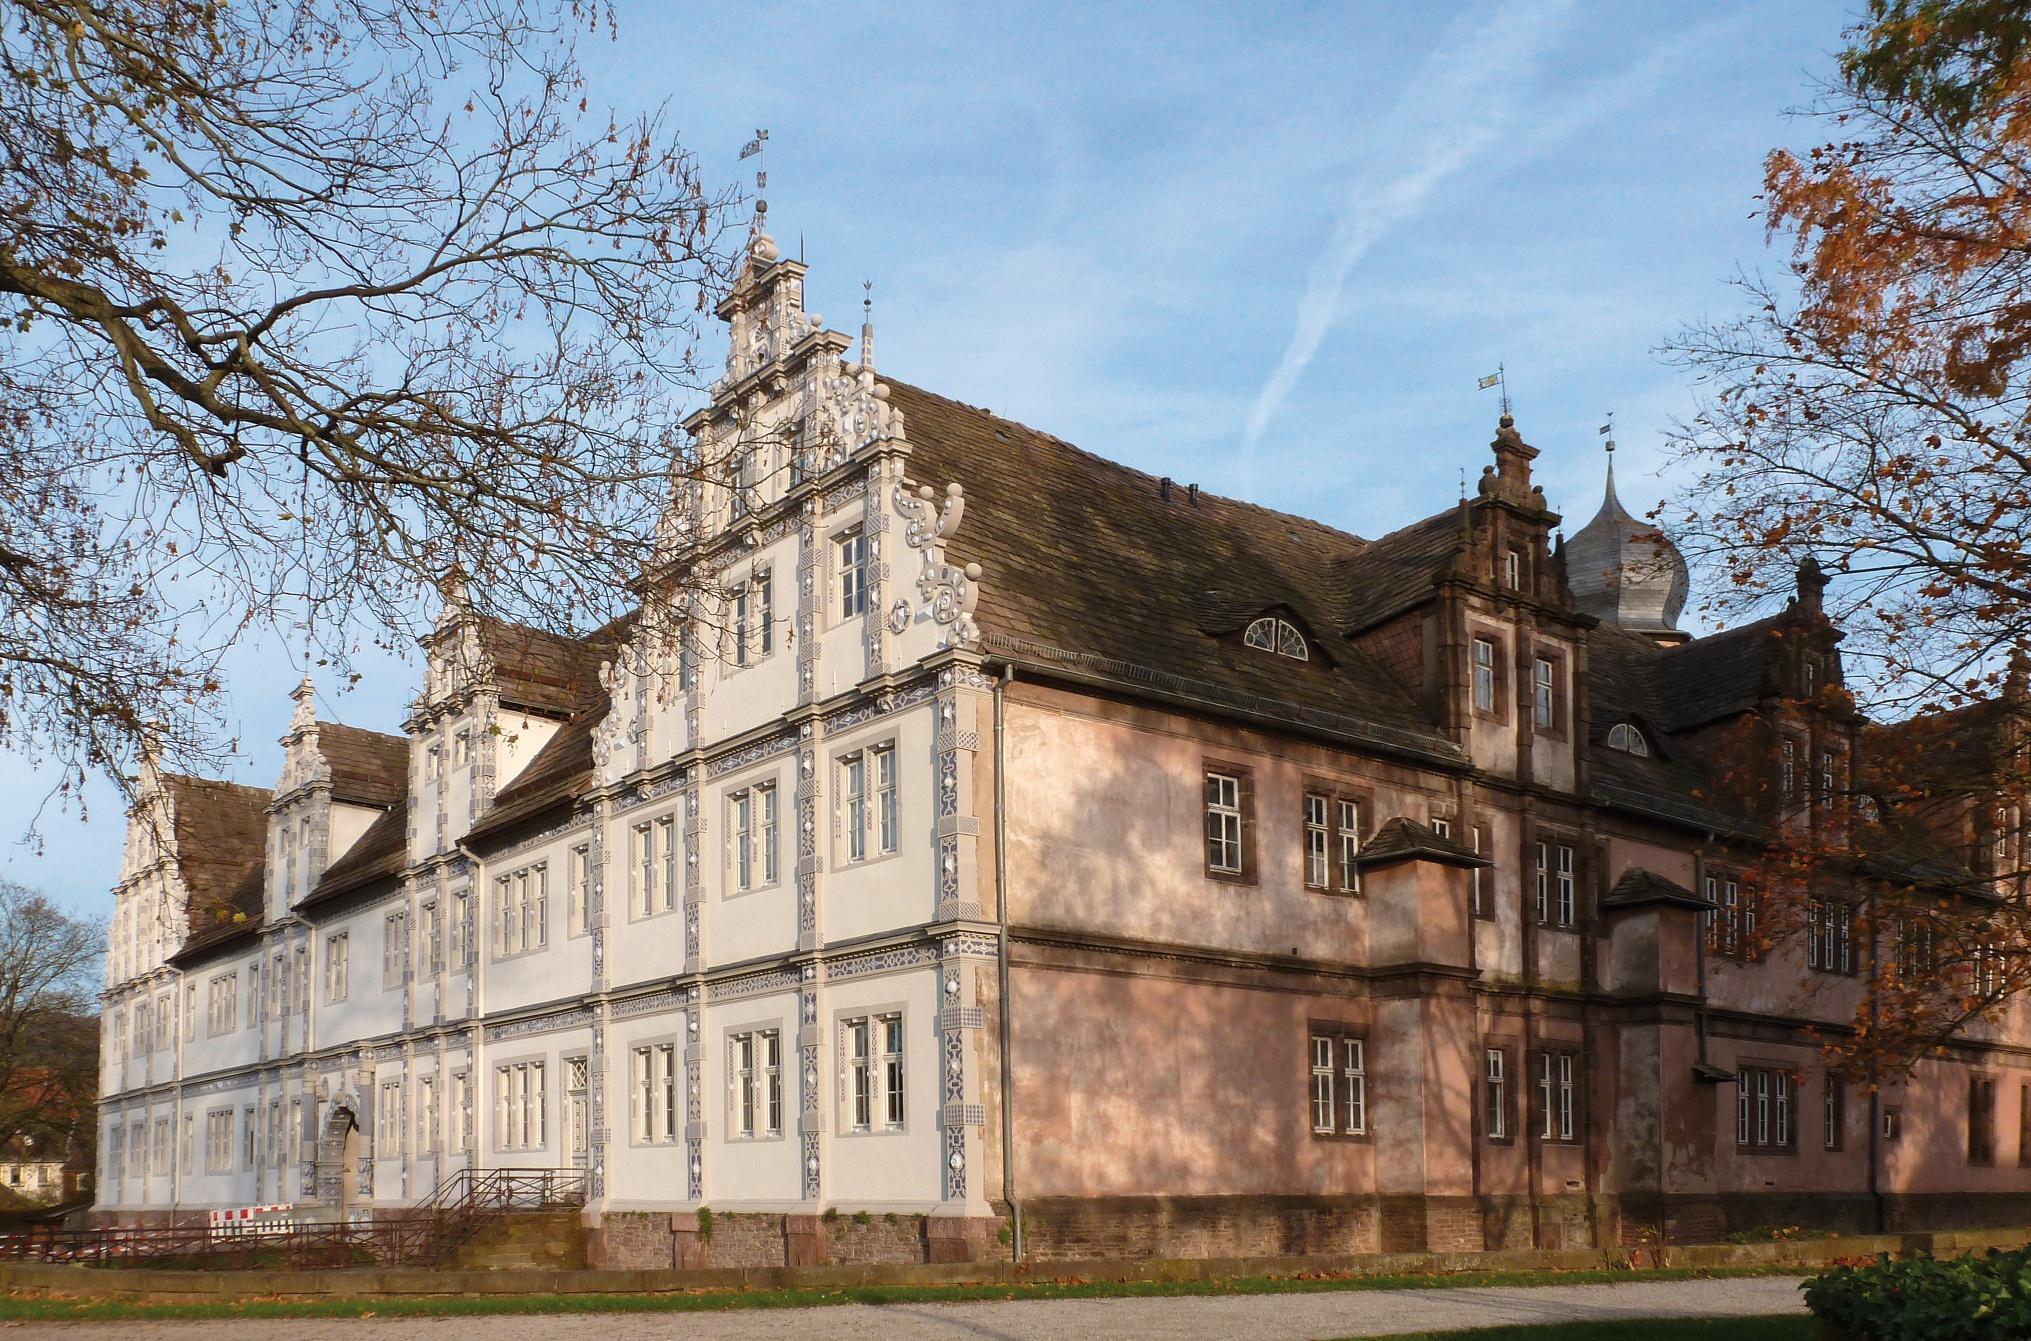 Weserrenaissance-Schloss Bevern